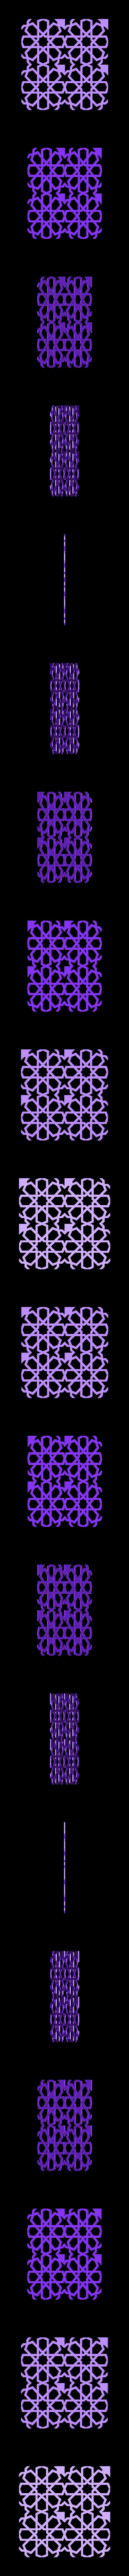 Mosaik.stl Download free STL file Oriental Mosaik Fontain • 3D print design, Gouza-Tech